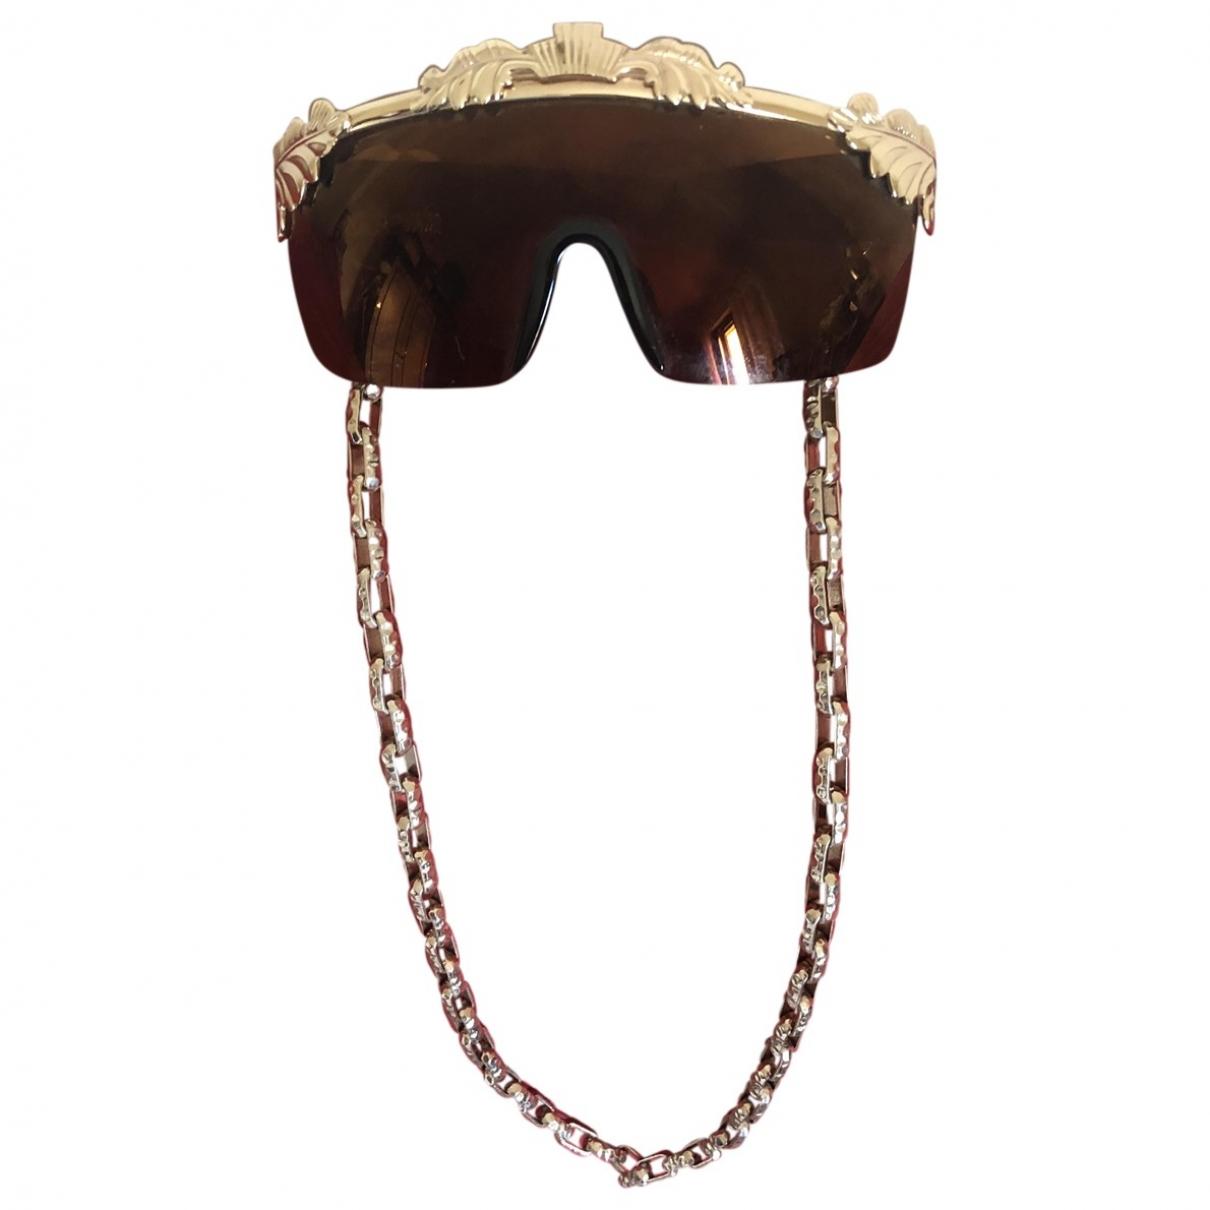 Gafas mascara Anna Dello Russo Pour H&m